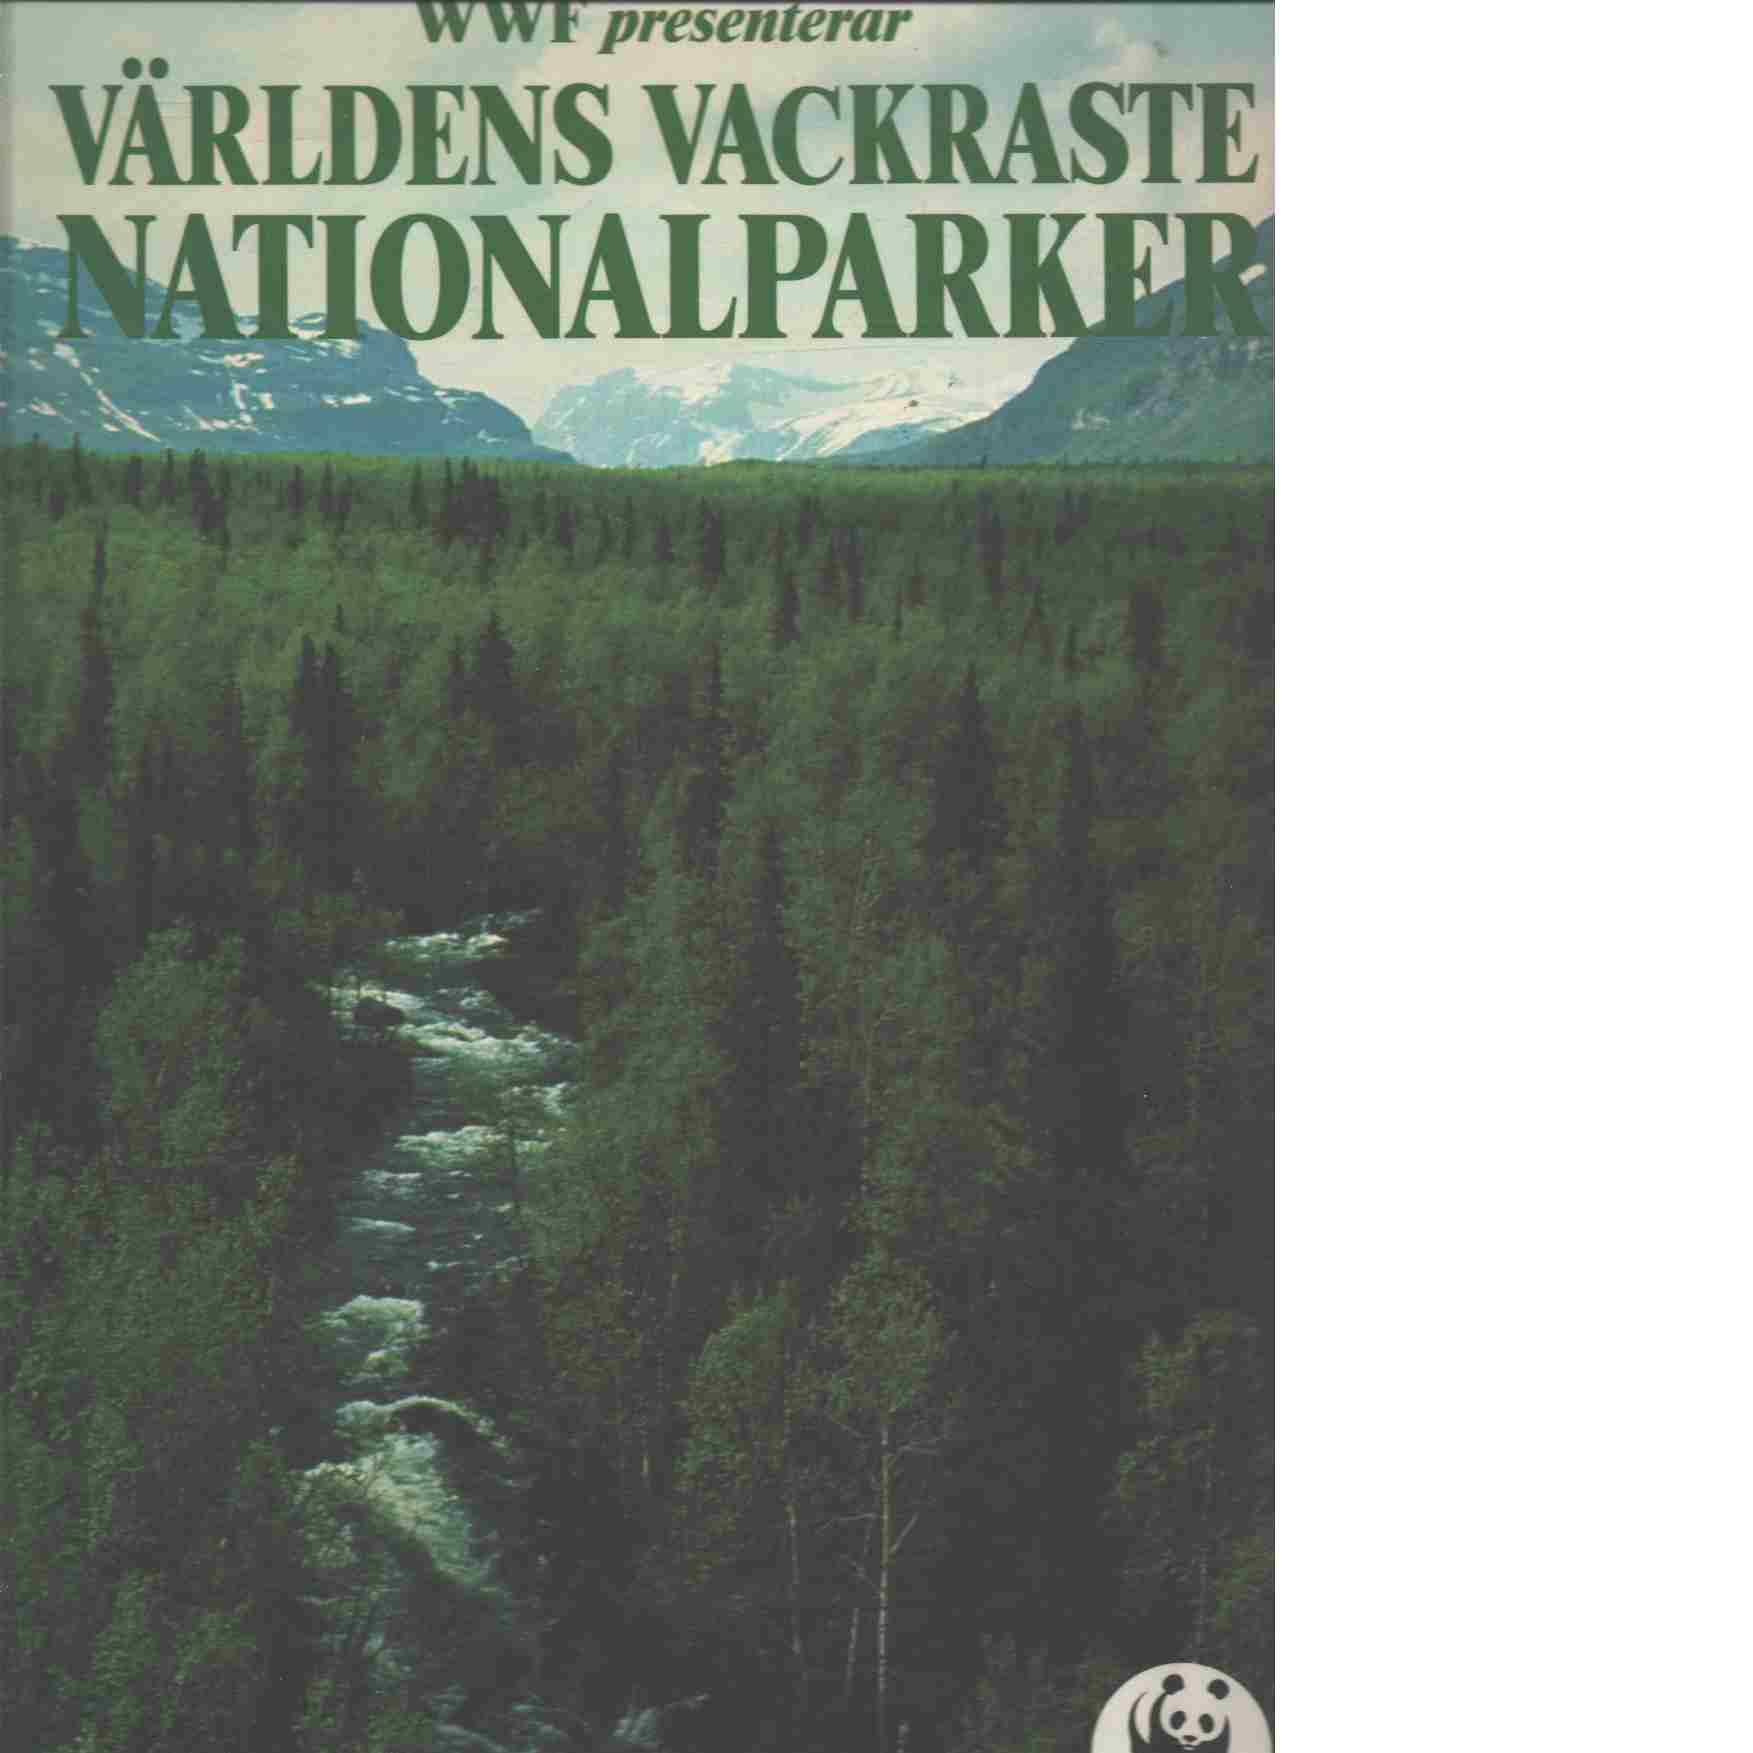 WWF presenterar världens vackraste nationalparker - Grundsten, Claes